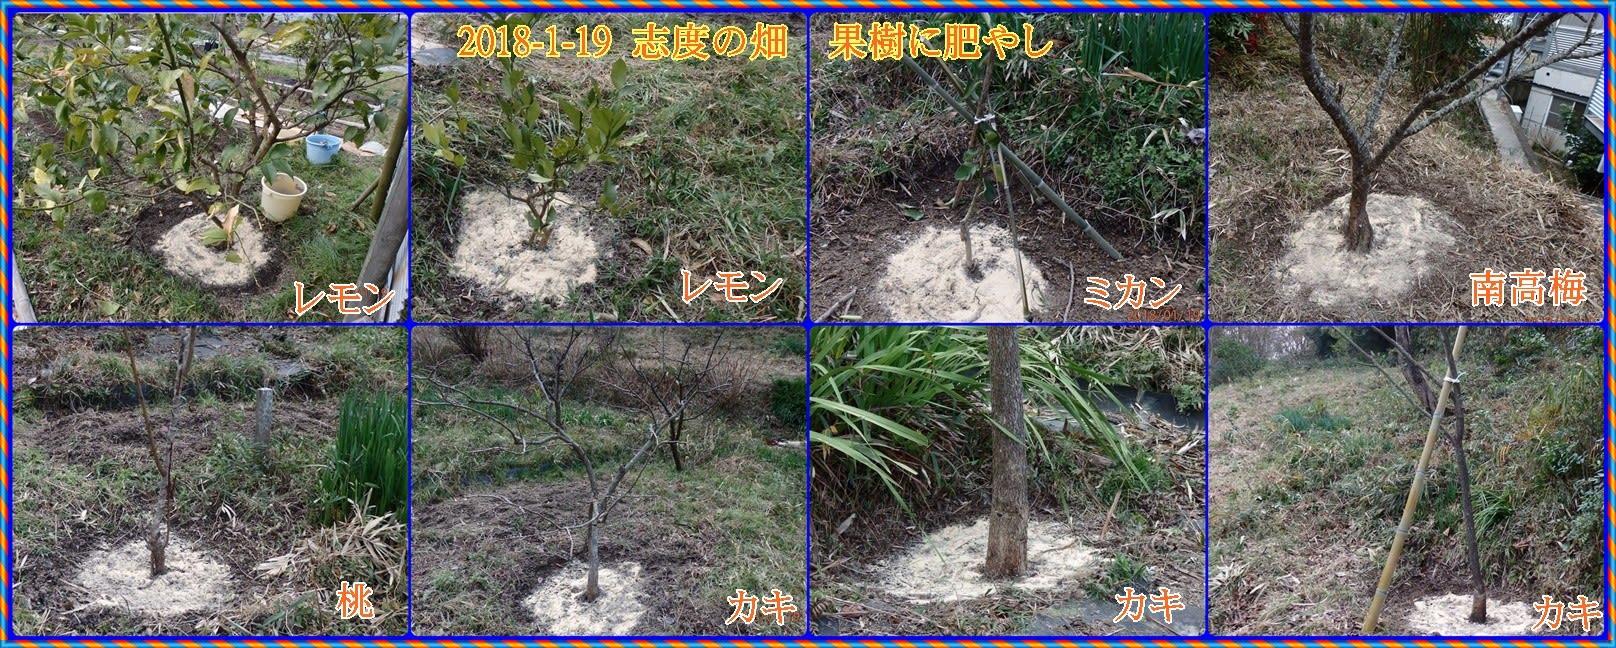 志度の畑は例年以上の寒さの中 木の根元に肥やしをやり、反原発集会に ...